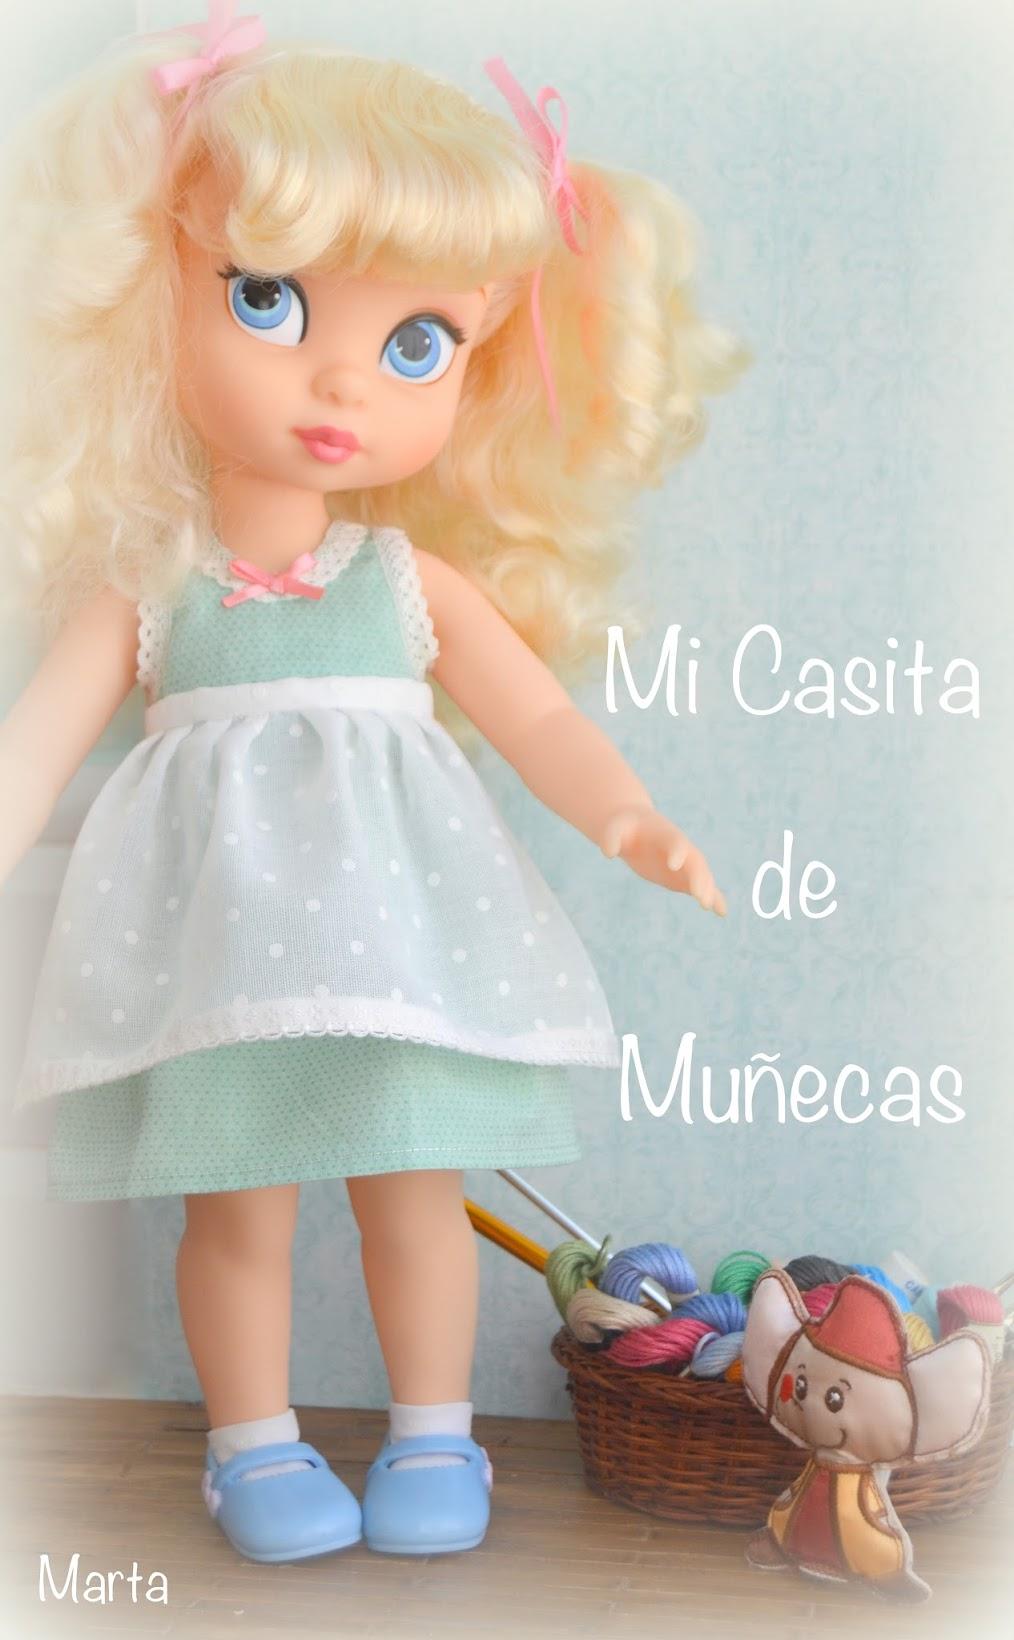 Cenicienta y Bella Disney Animators. Vestidos hechos a mano. Mi Casita de Muñecas. Marta del Pino.